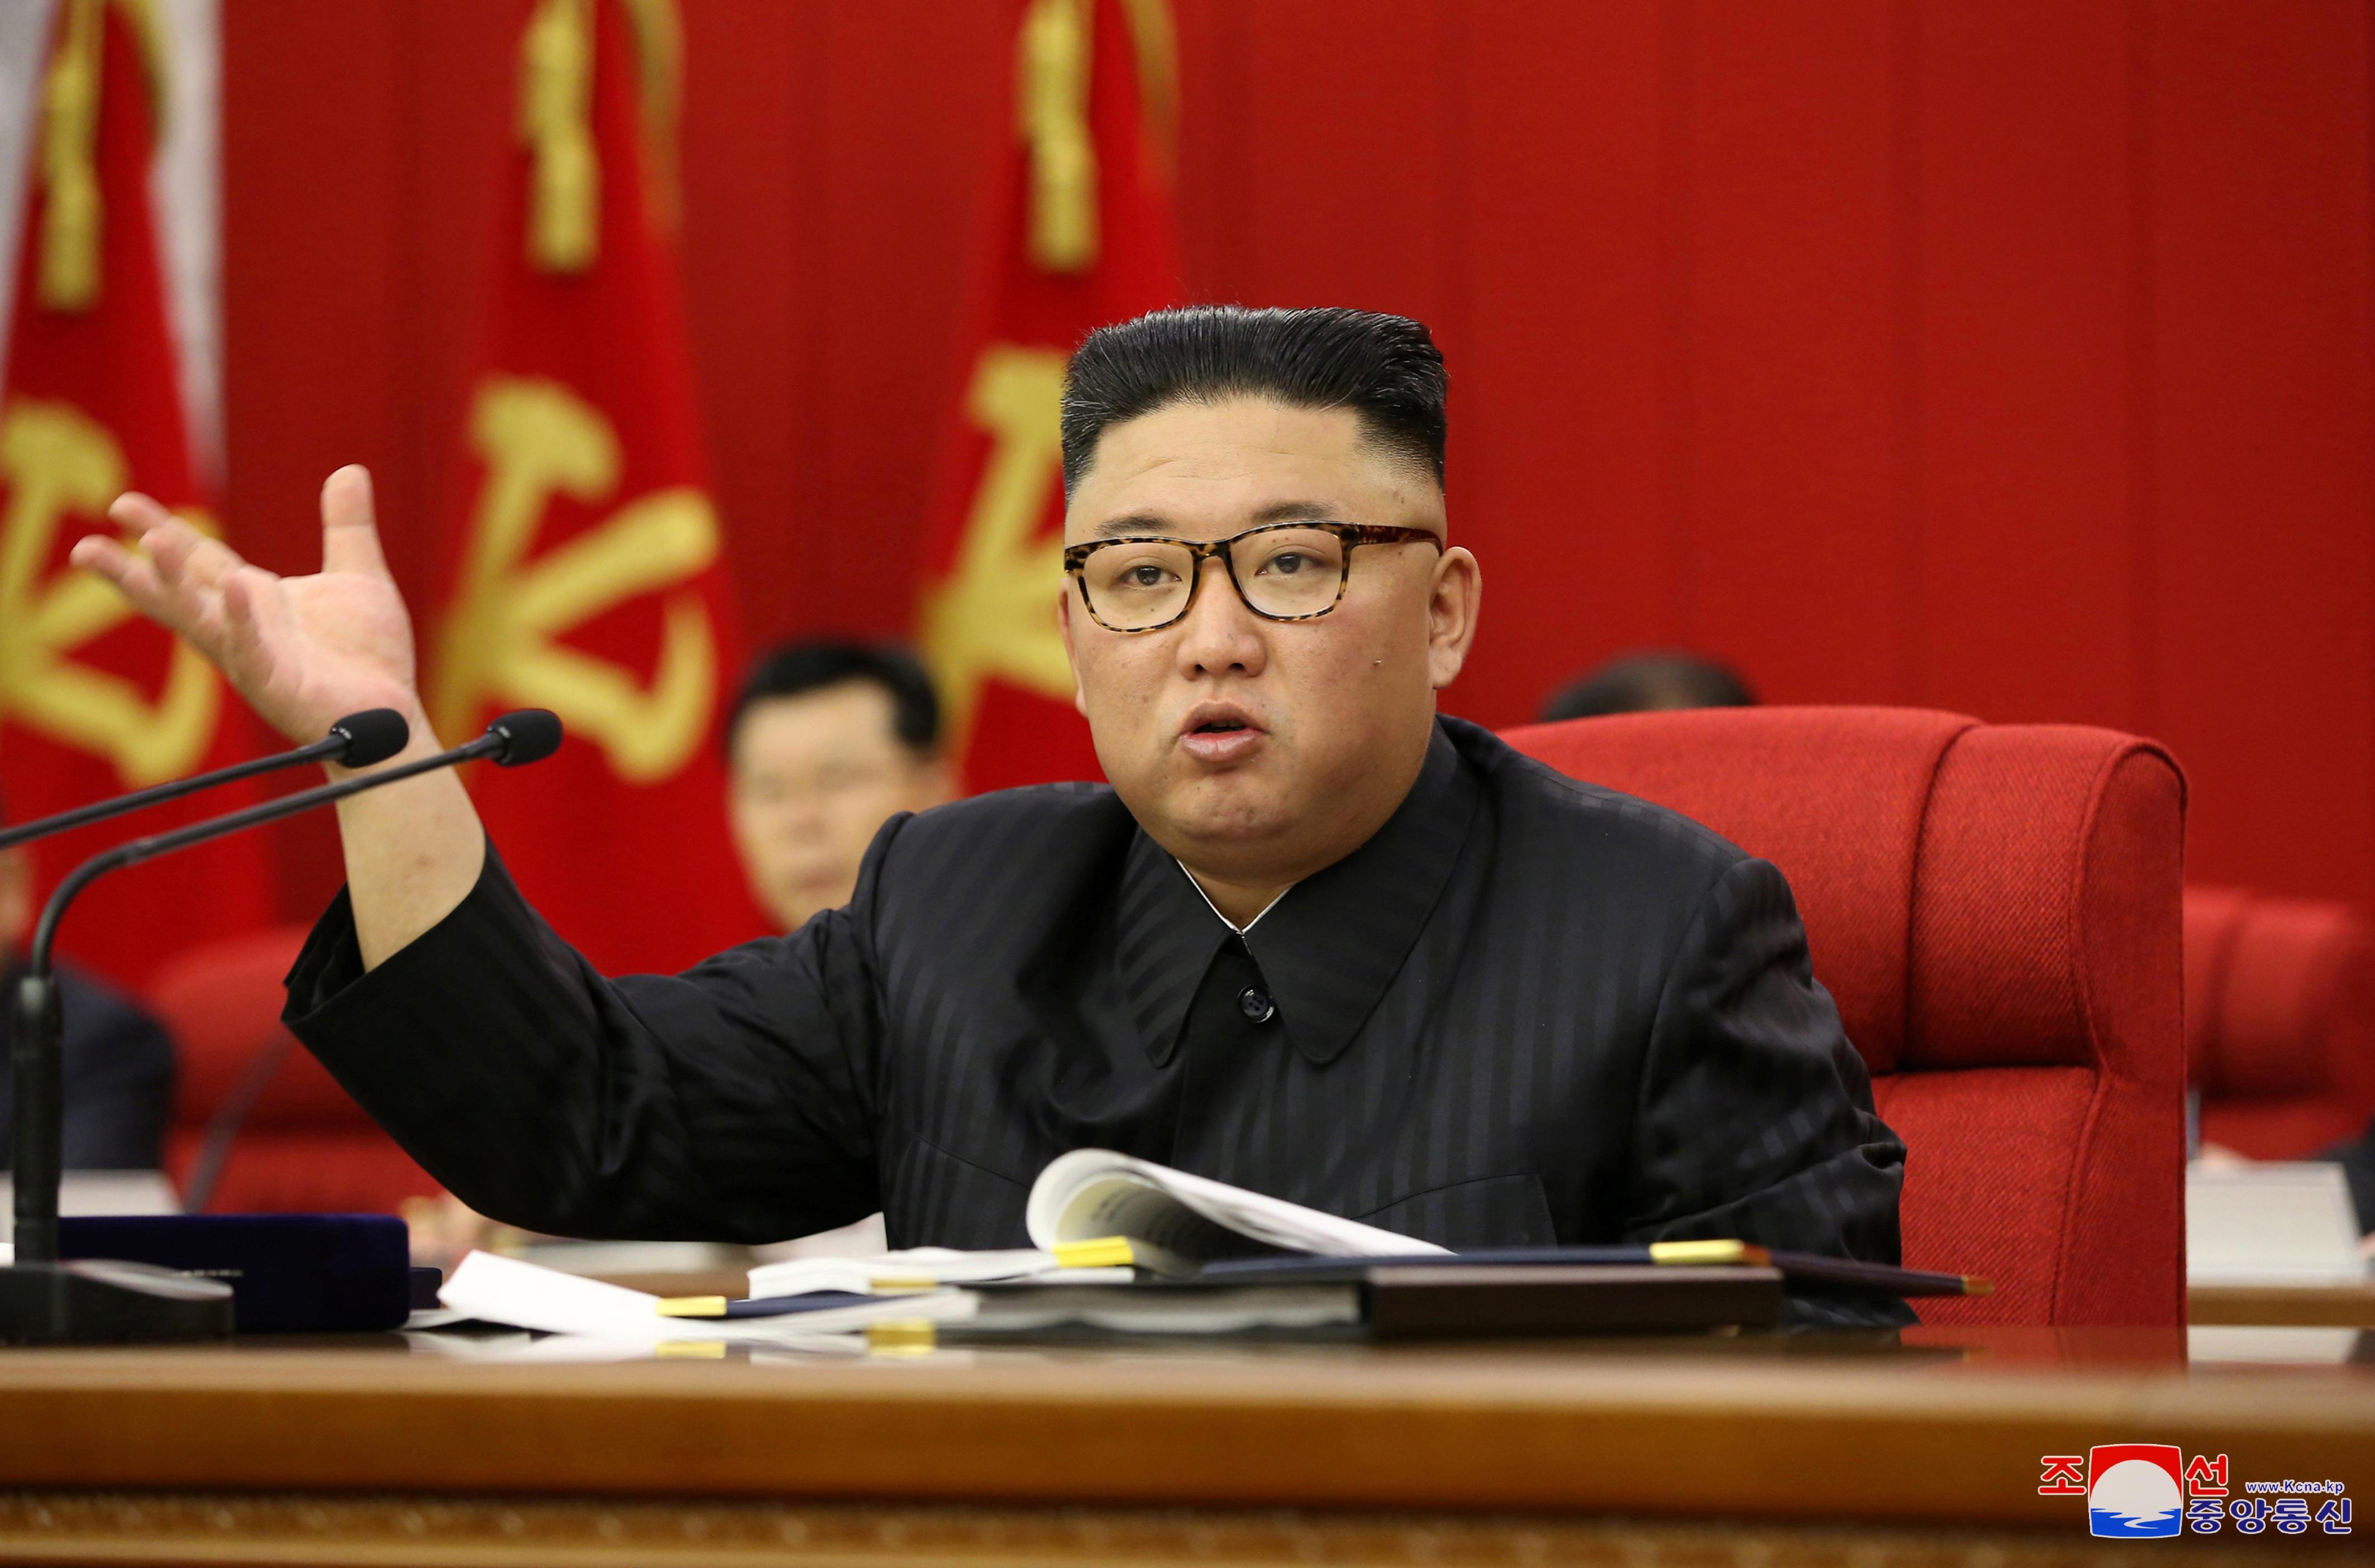 Triều Tiên thiếu lương thực, ông Kim Jong-un quyết tâm vượt qua thách thức